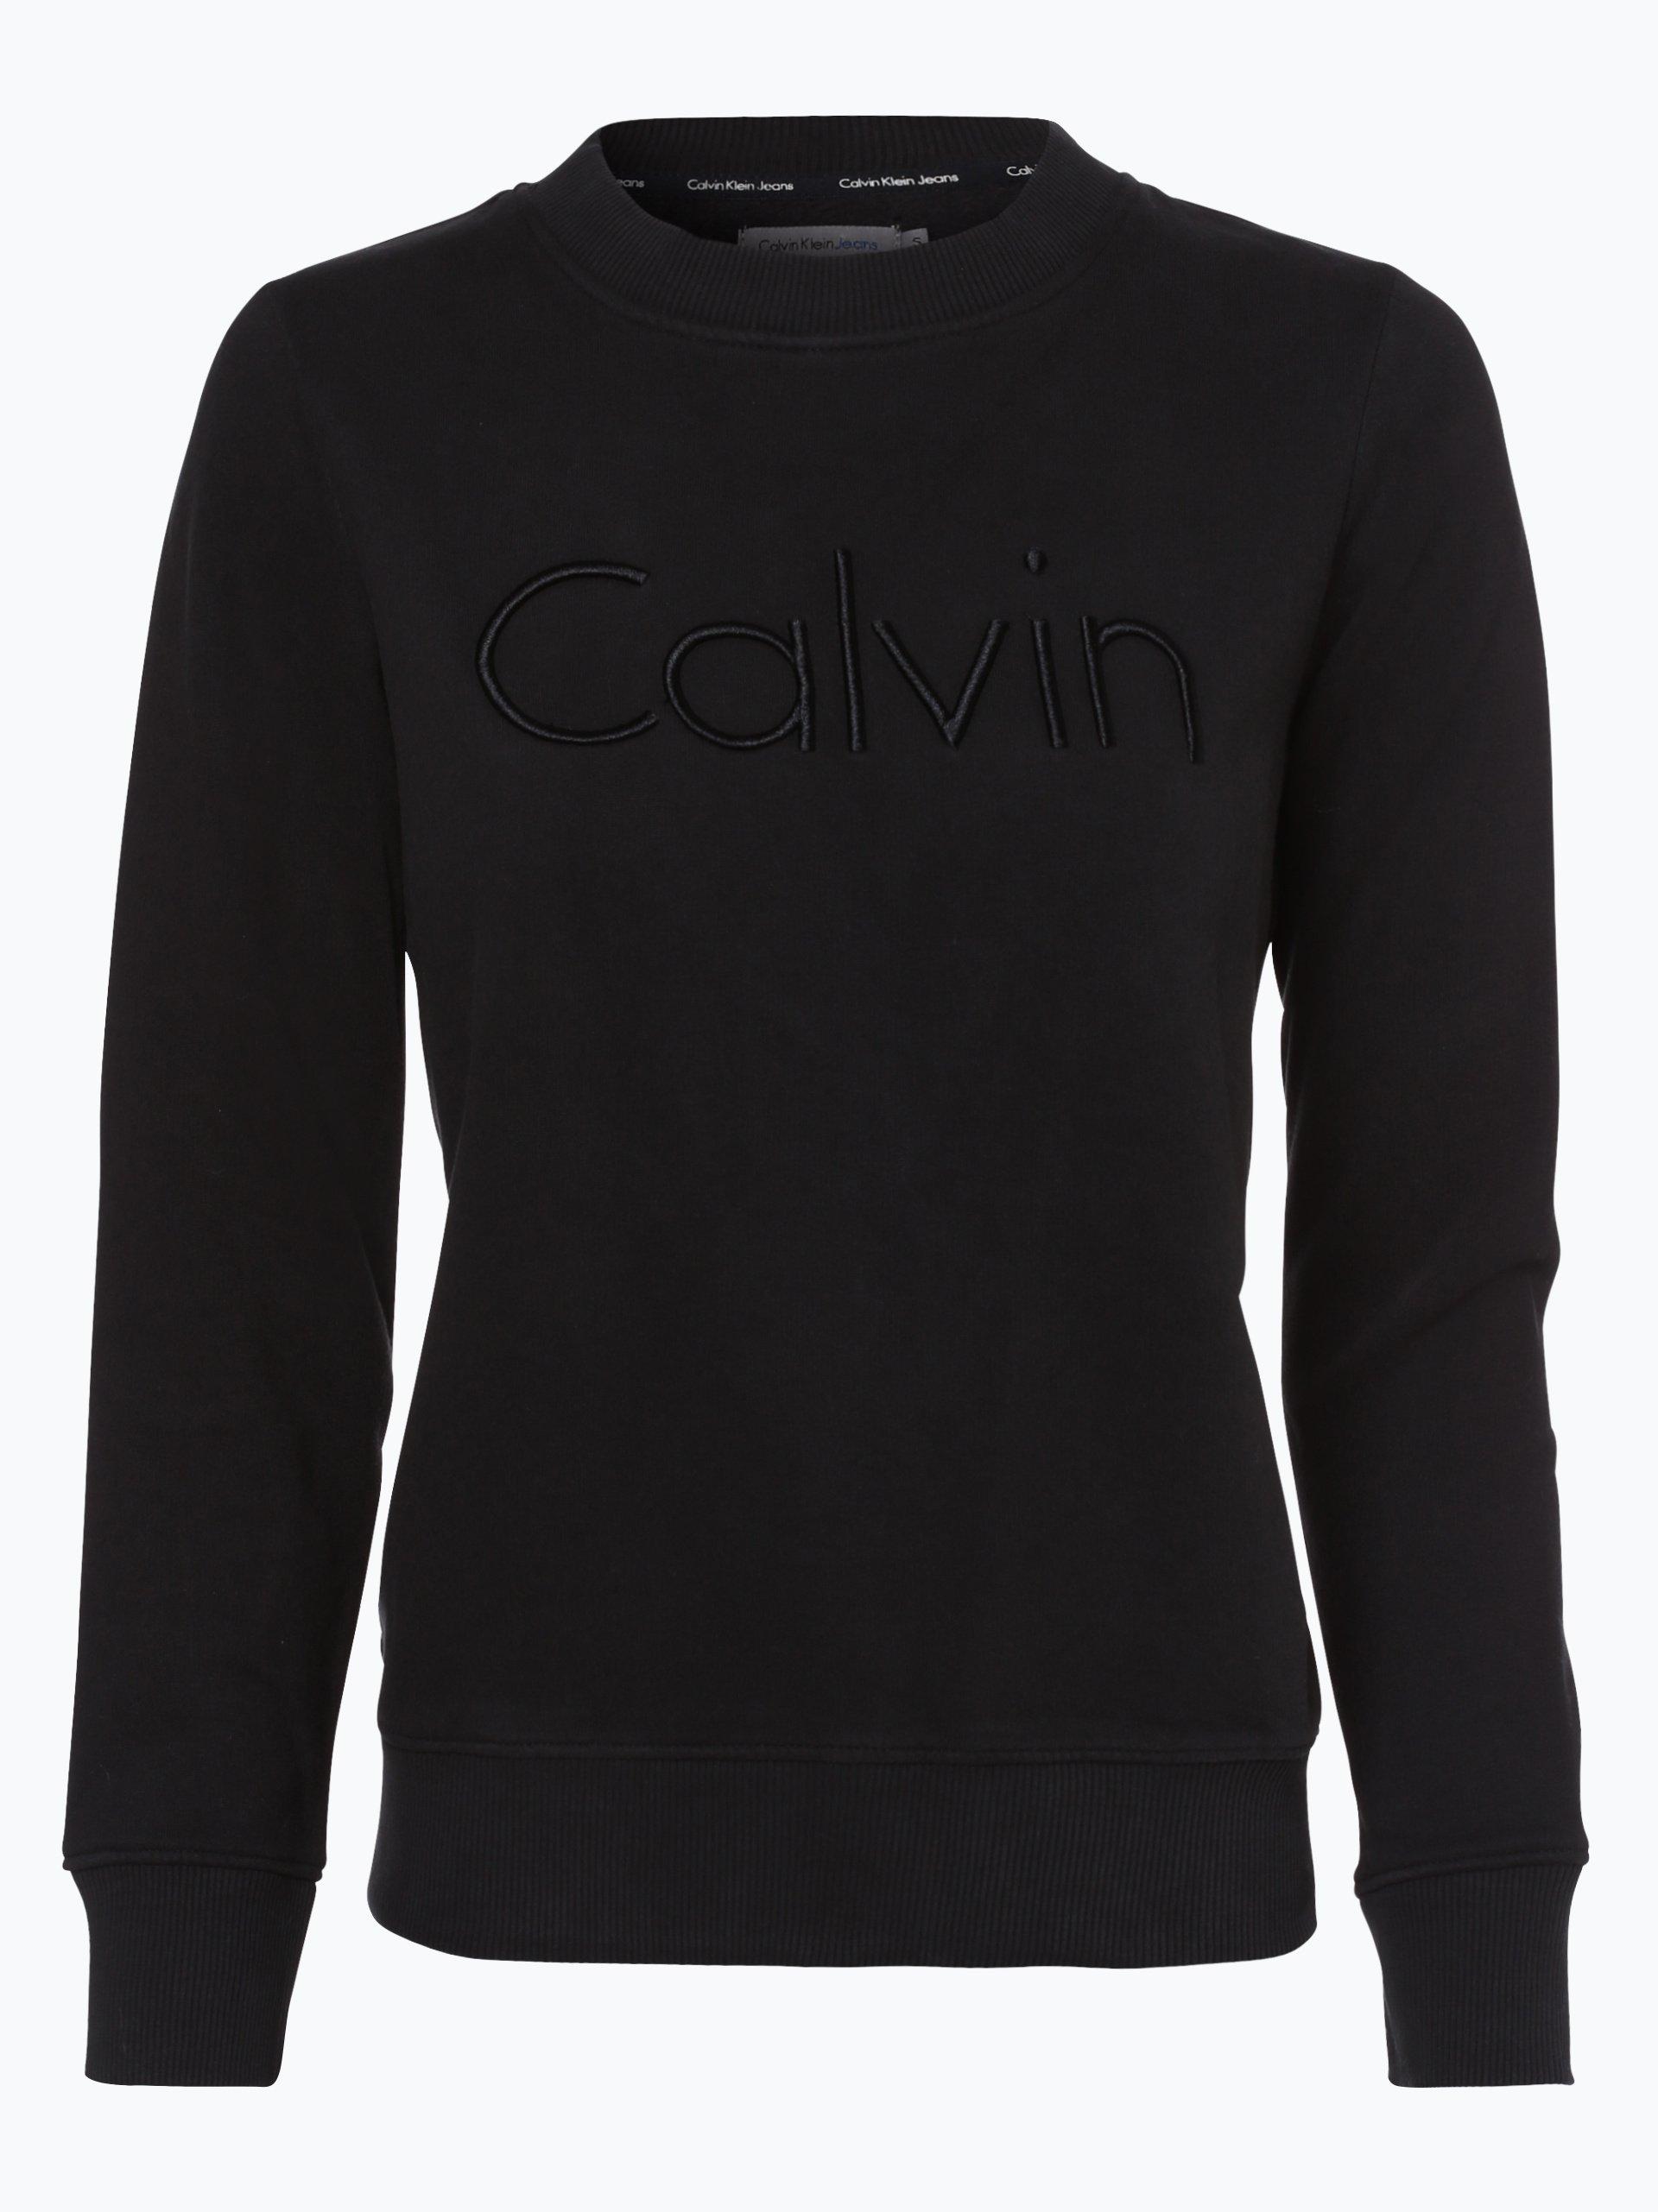 calvin klein jeans damen sweatshirt schwarz uni online kaufen peek und cloppenburg de. Black Bedroom Furniture Sets. Home Design Ideas